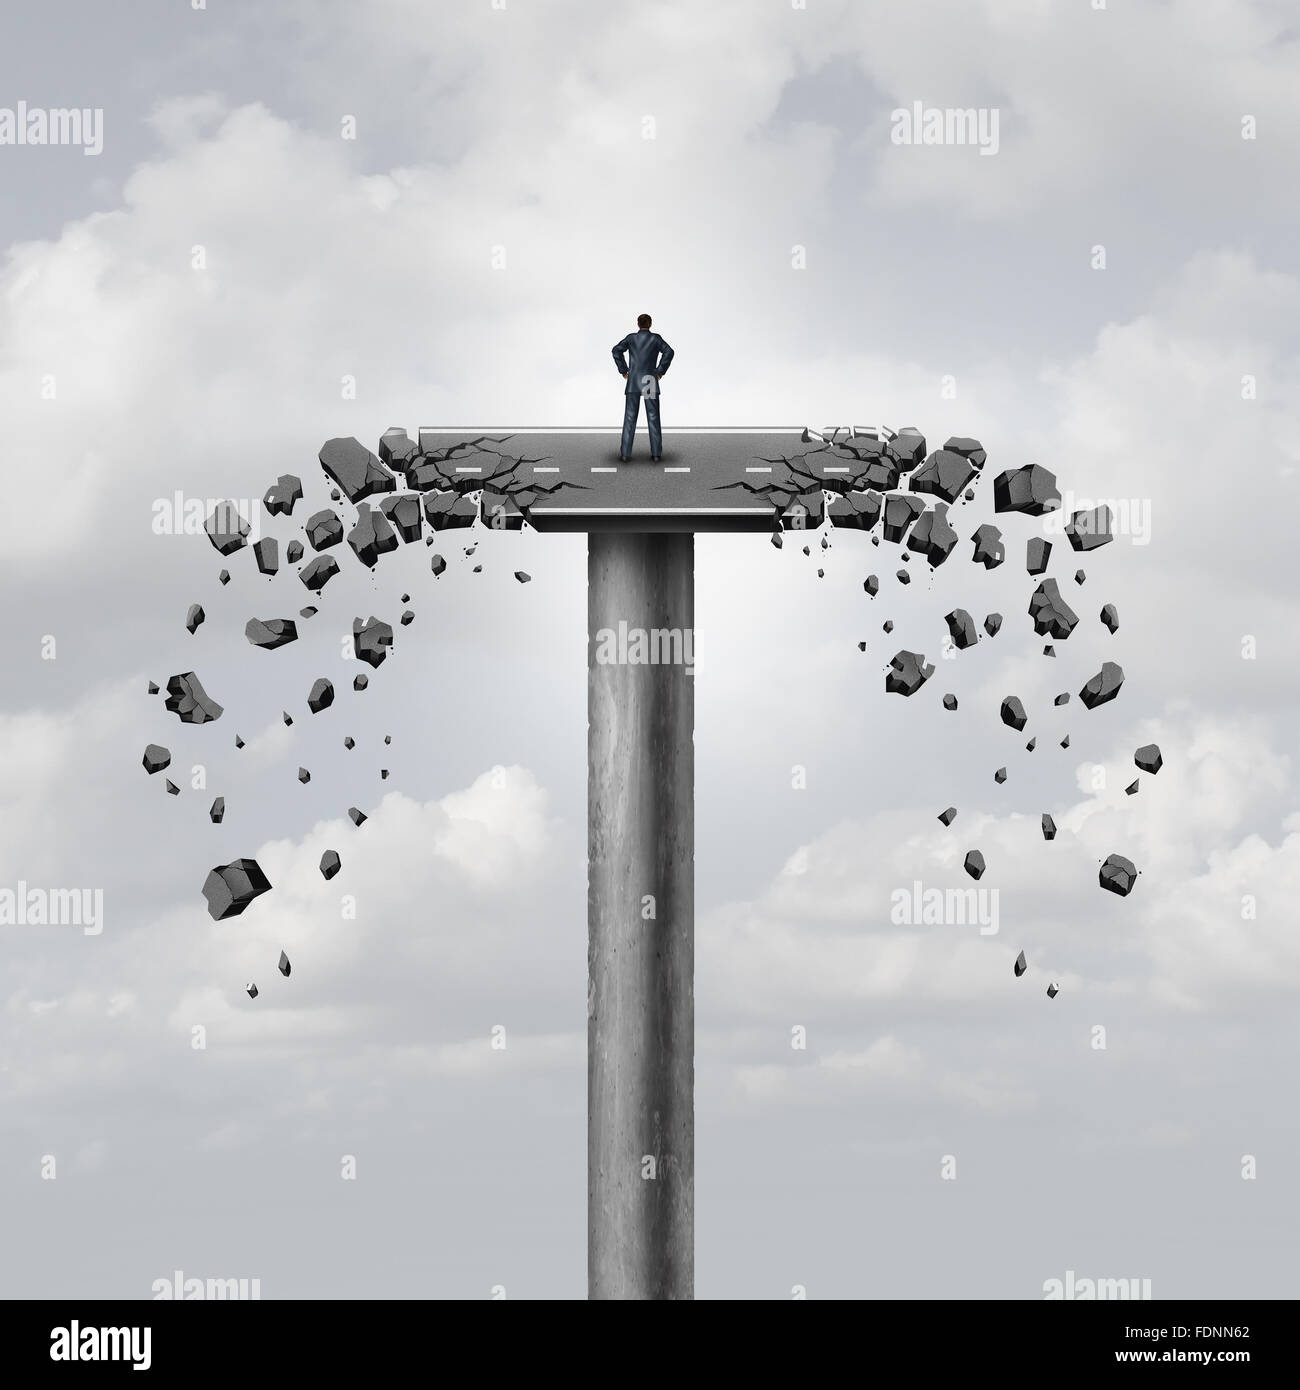 Se ha perdido la conexión o concepto empresarial y romper los lazos como una carretera sobre un puente roto Imagen De Stock